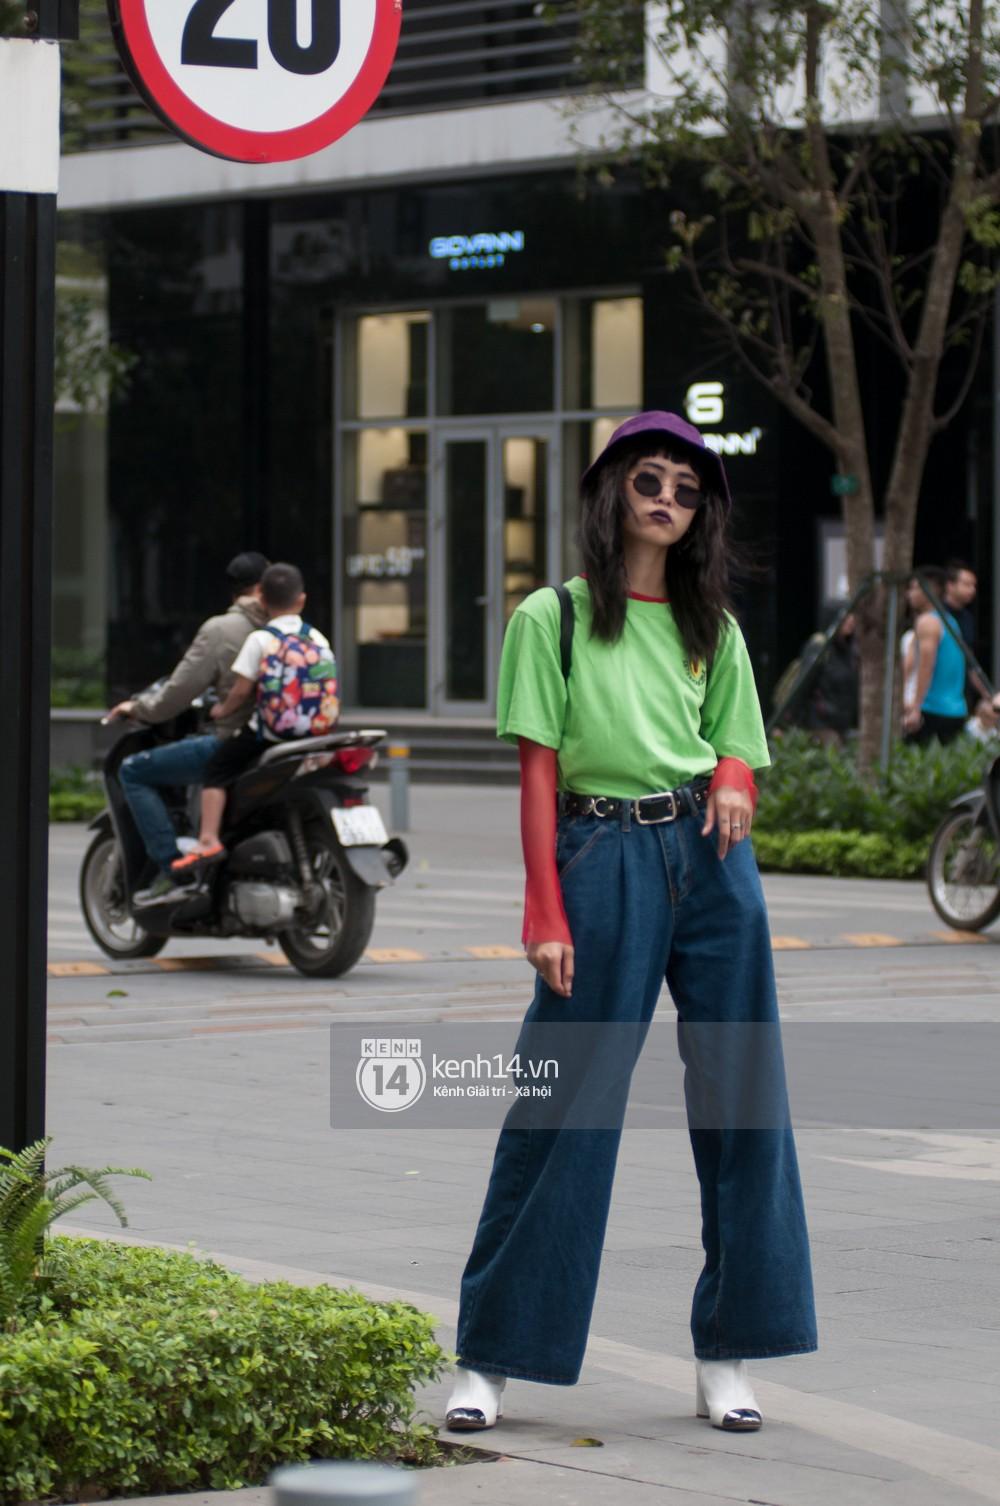 Giới trẻ 2 miền chinh phục loạt hot trend, khoe street style siêu cool và thời thượng - Ảnh 22.